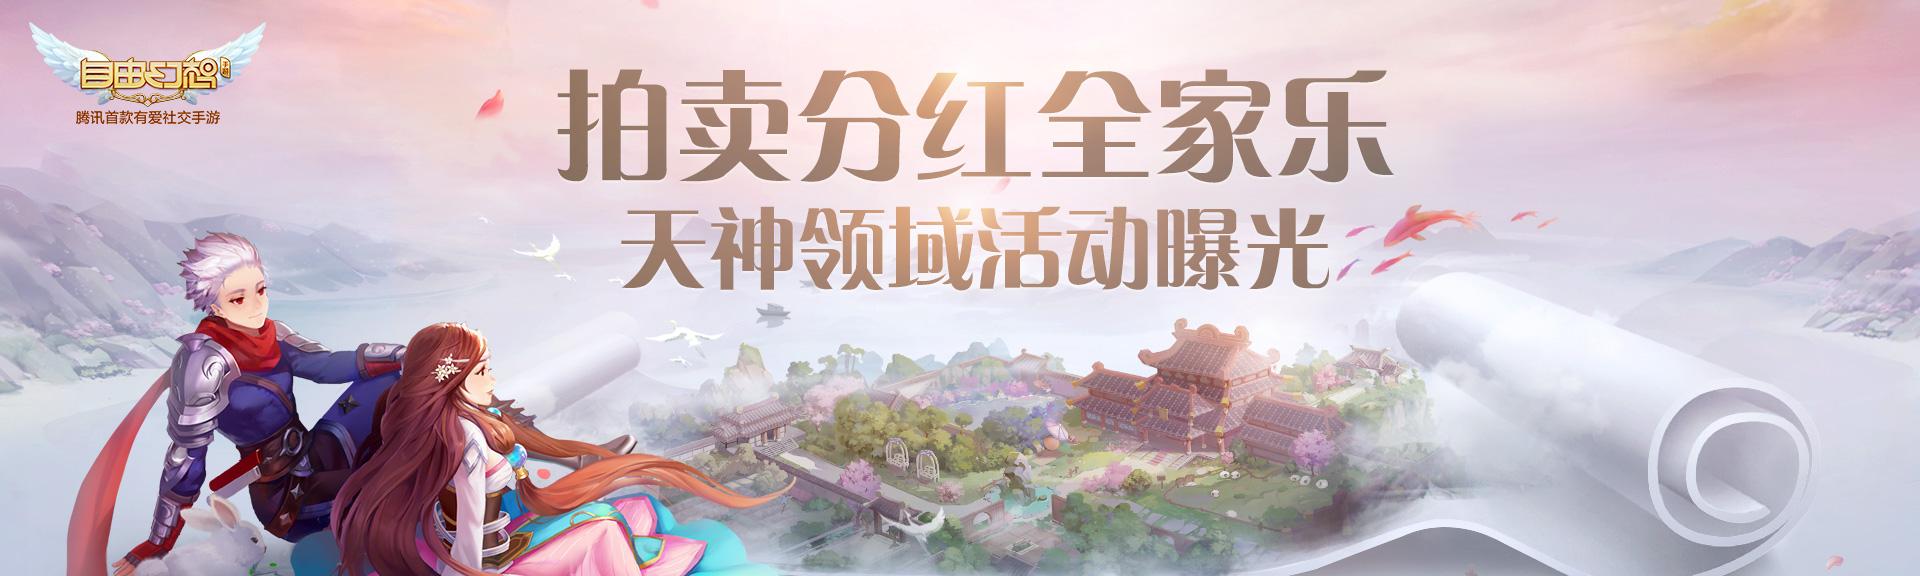 """拍卖分红全家乐《自由幻想》手游""""天神领域""""活动曝光"""